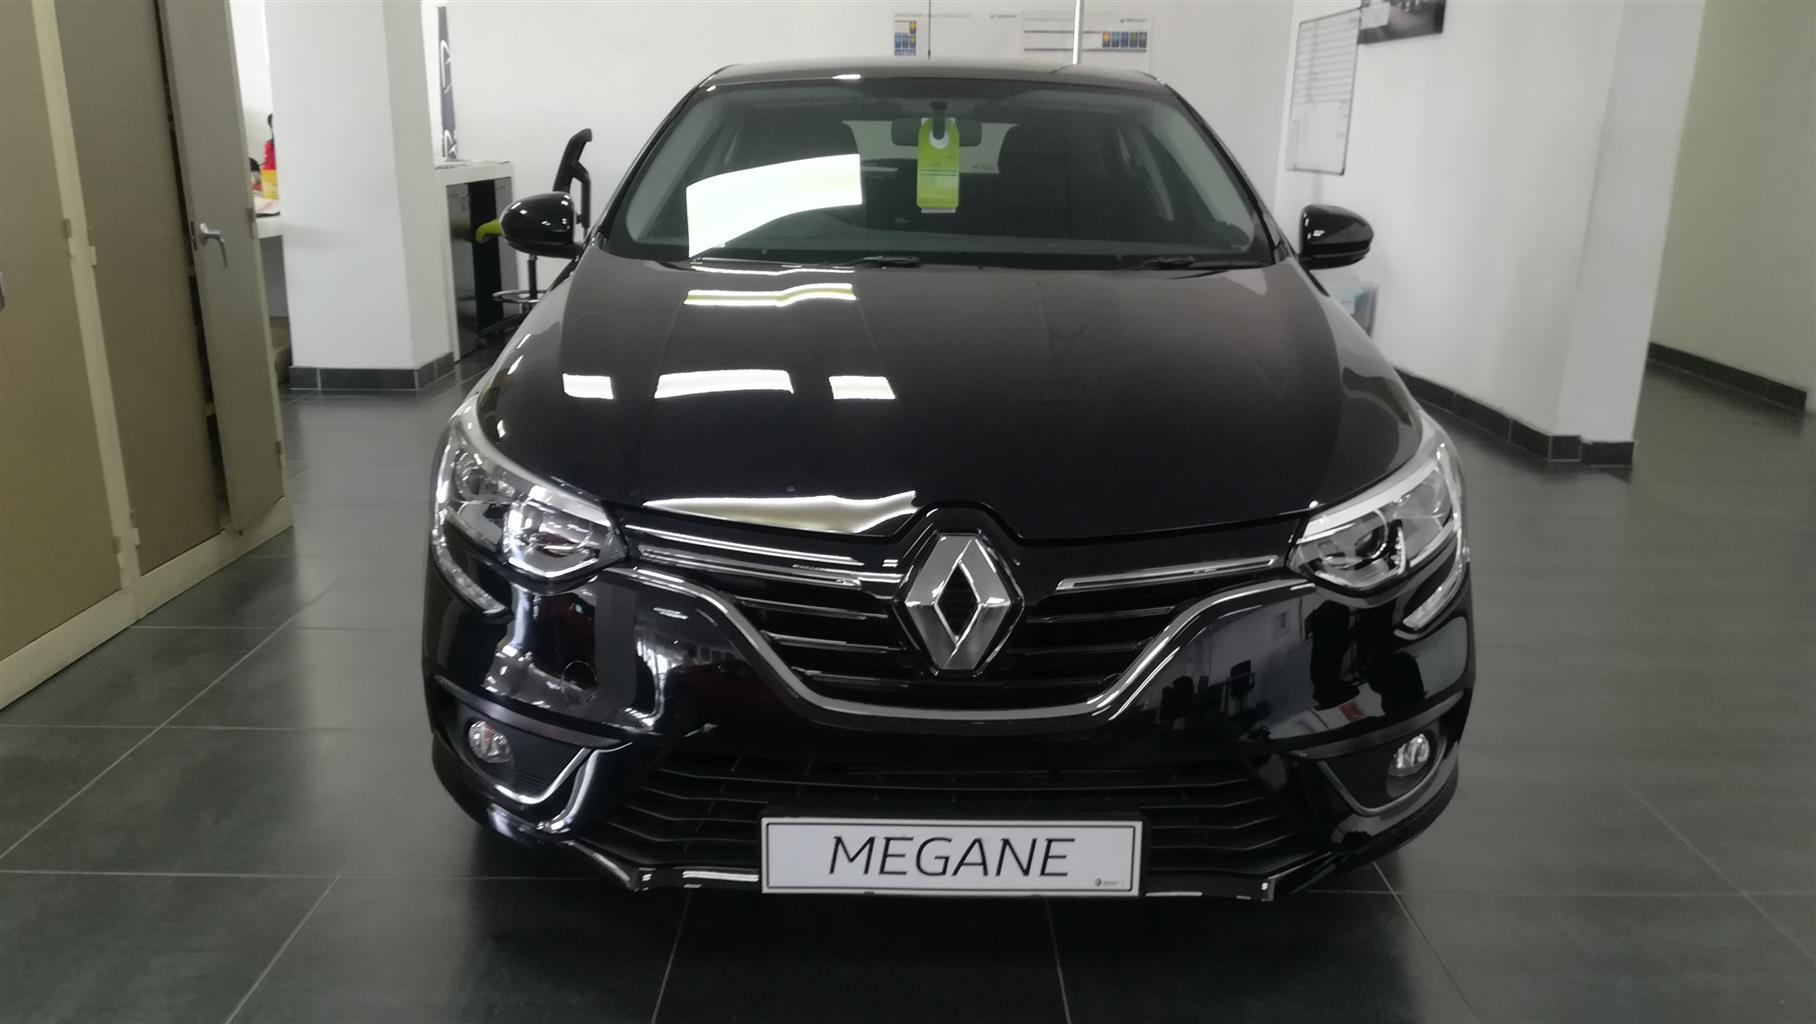 2019 Renault Megane II